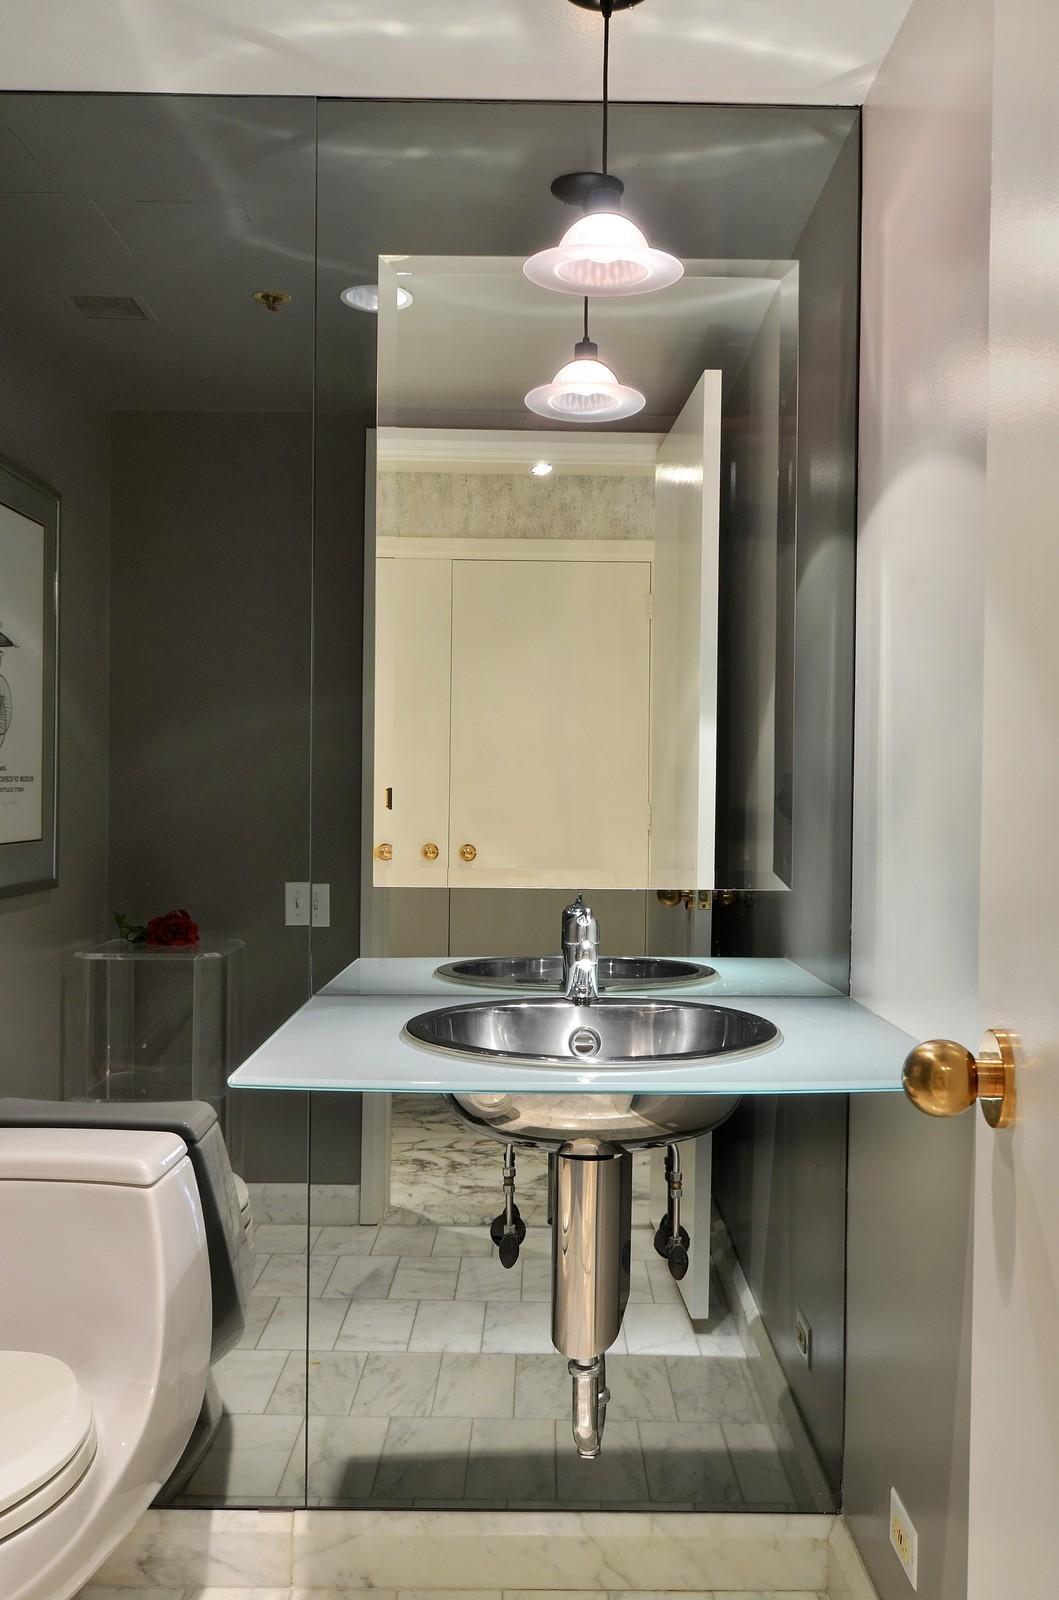 Real Estate Photography - 161 E Chicago Ave, Unit 44B, Chicago, IL, 60611 - Half Bath